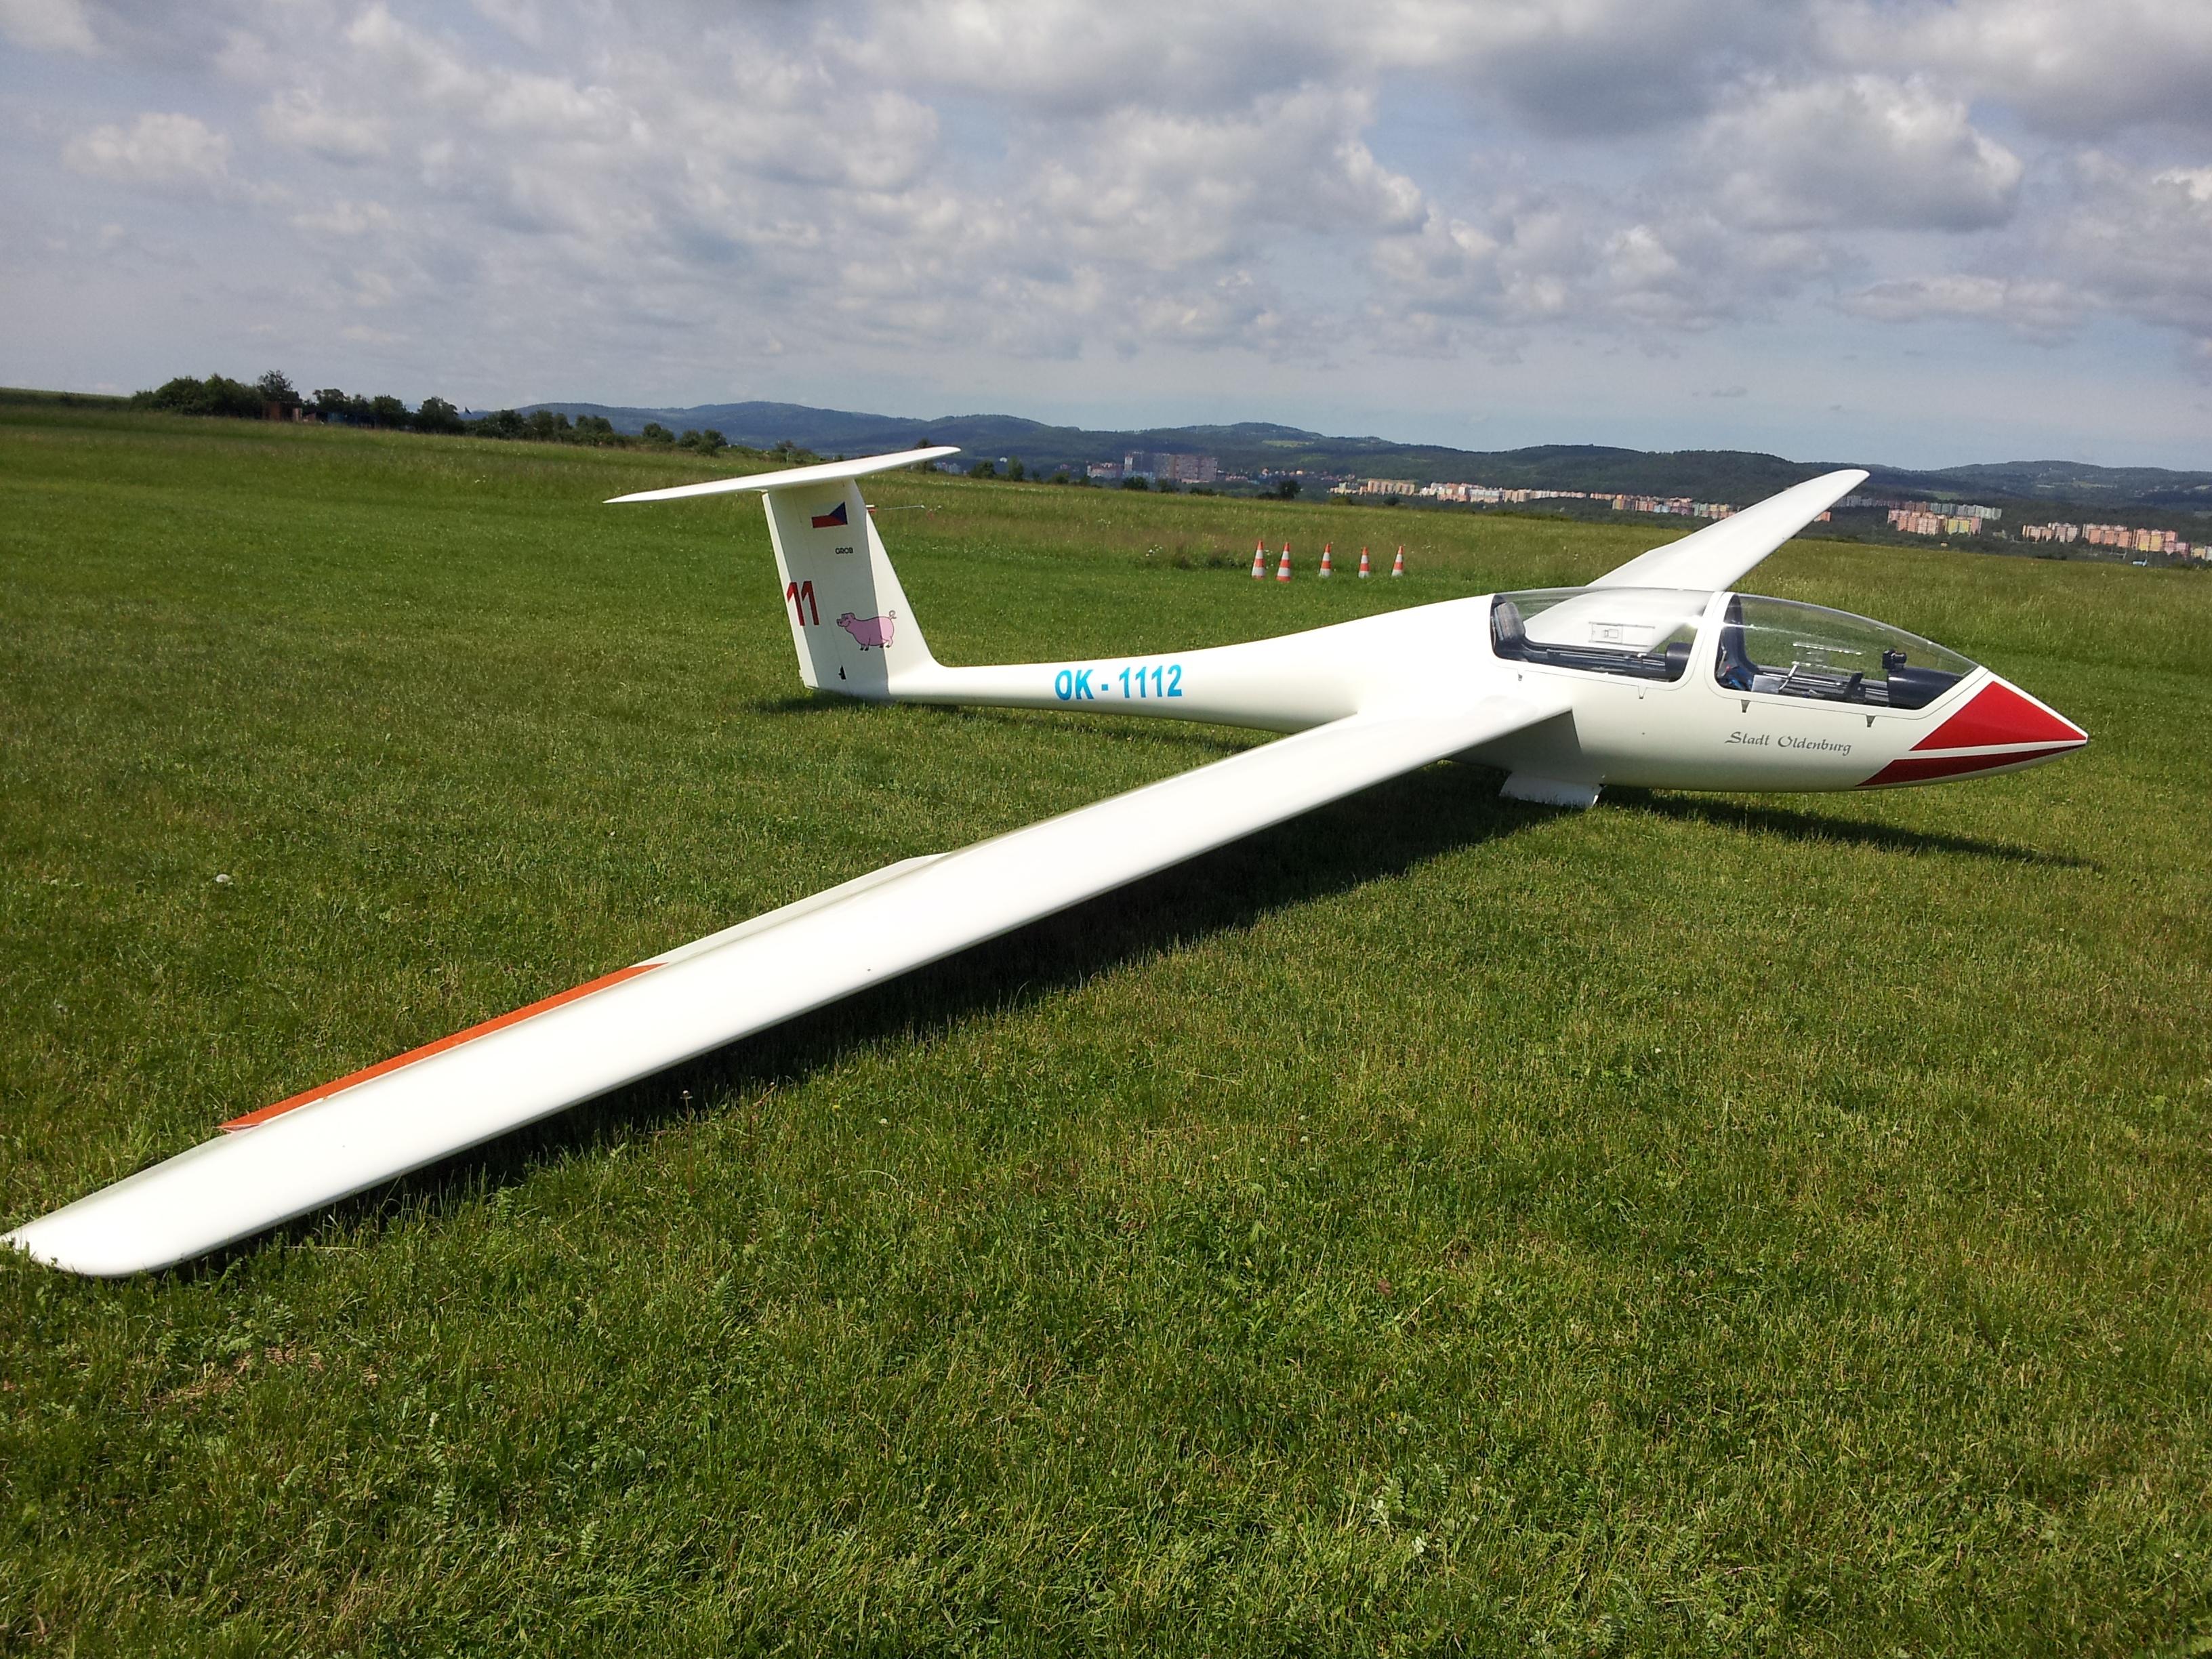 G-103_Twin_Astir,_dnes_již_létá_ve_Skotsku